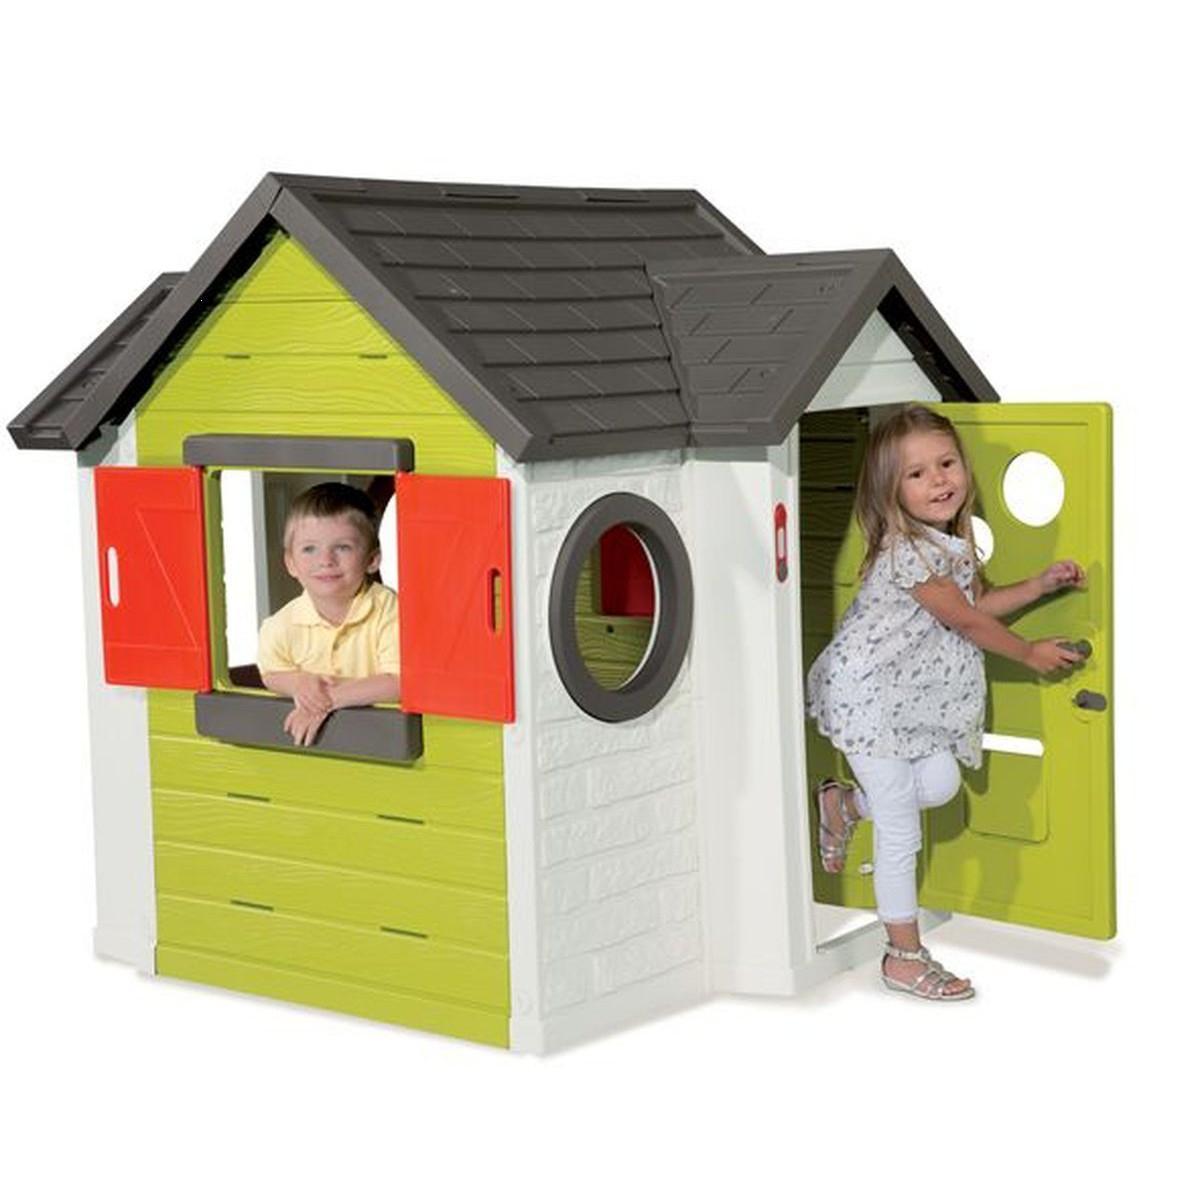 Cabane Enfant ⇒ Comparatif, Avis Et Meilleurs Modèles 2020 dedans Maison De Jardin Jouet